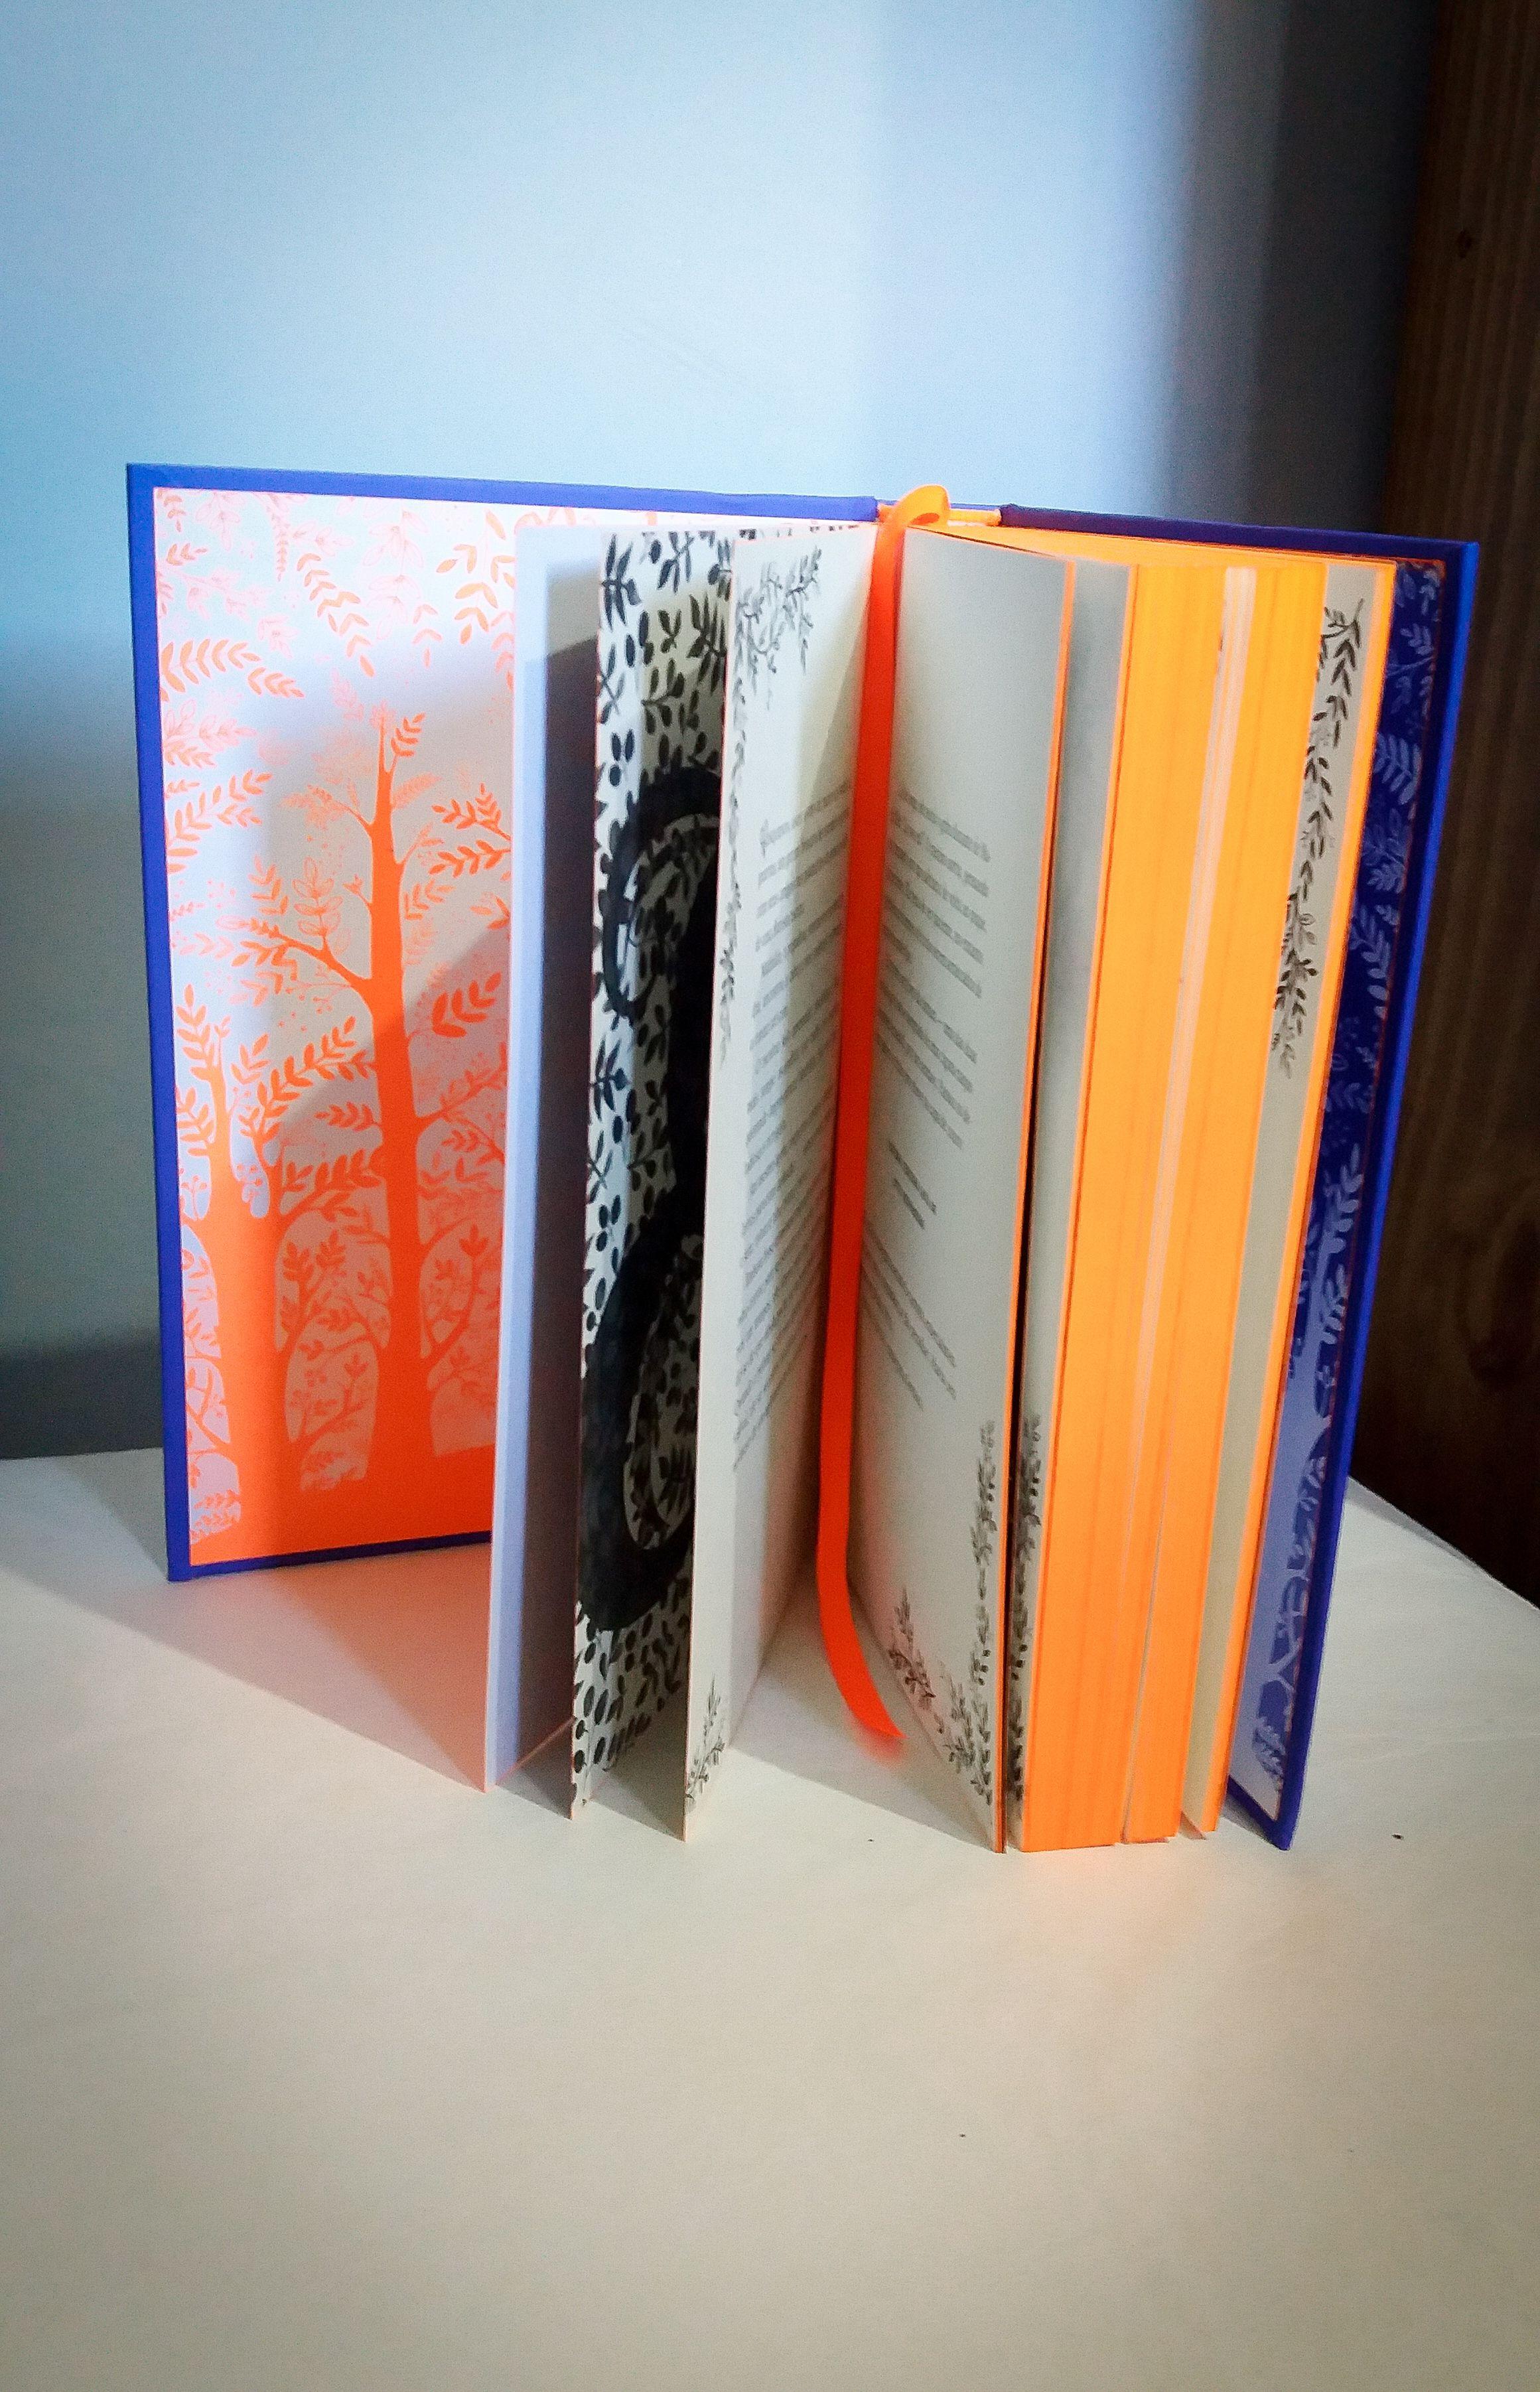 Foto Do Livro O Diario De Myriam Por Myriam Rawick Darkside